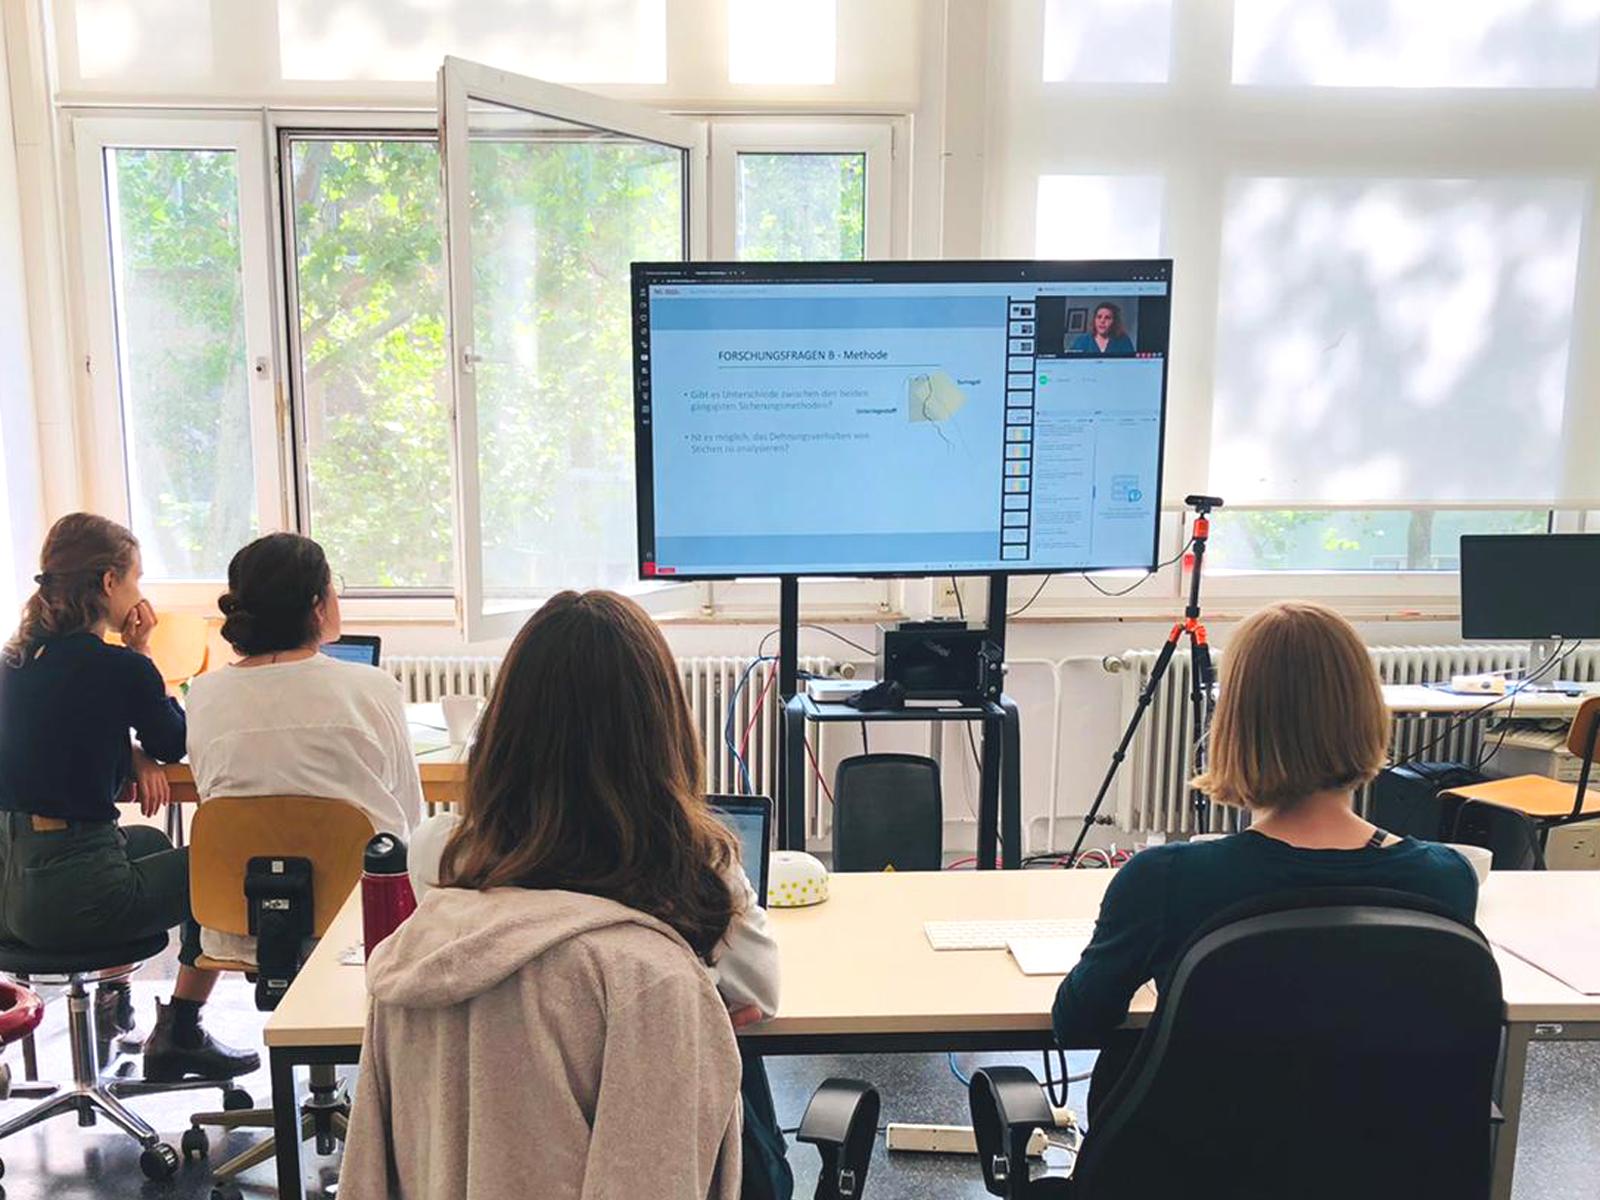 Das Tegungsteam verbrachte die Zeit im Konferenzraum an der TH Köln während 120 weitere Teilnehmer:innen zu Hause online den Vorträgen lauschten. Foto: Laura Peters